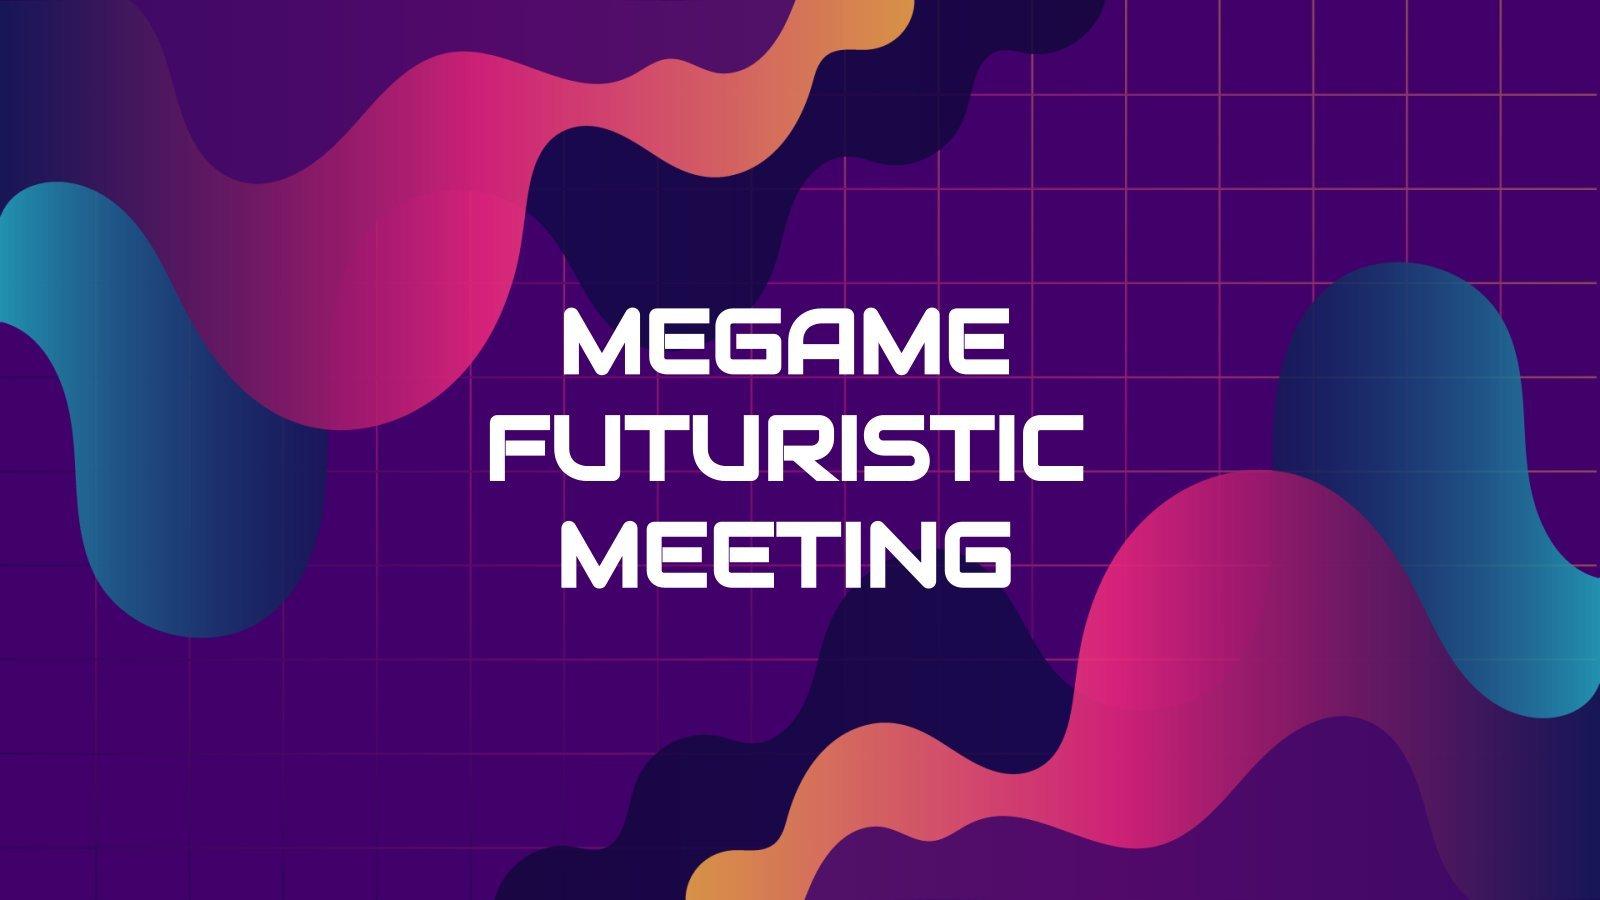 Réunion futuriste Megame : Modèles de présentation